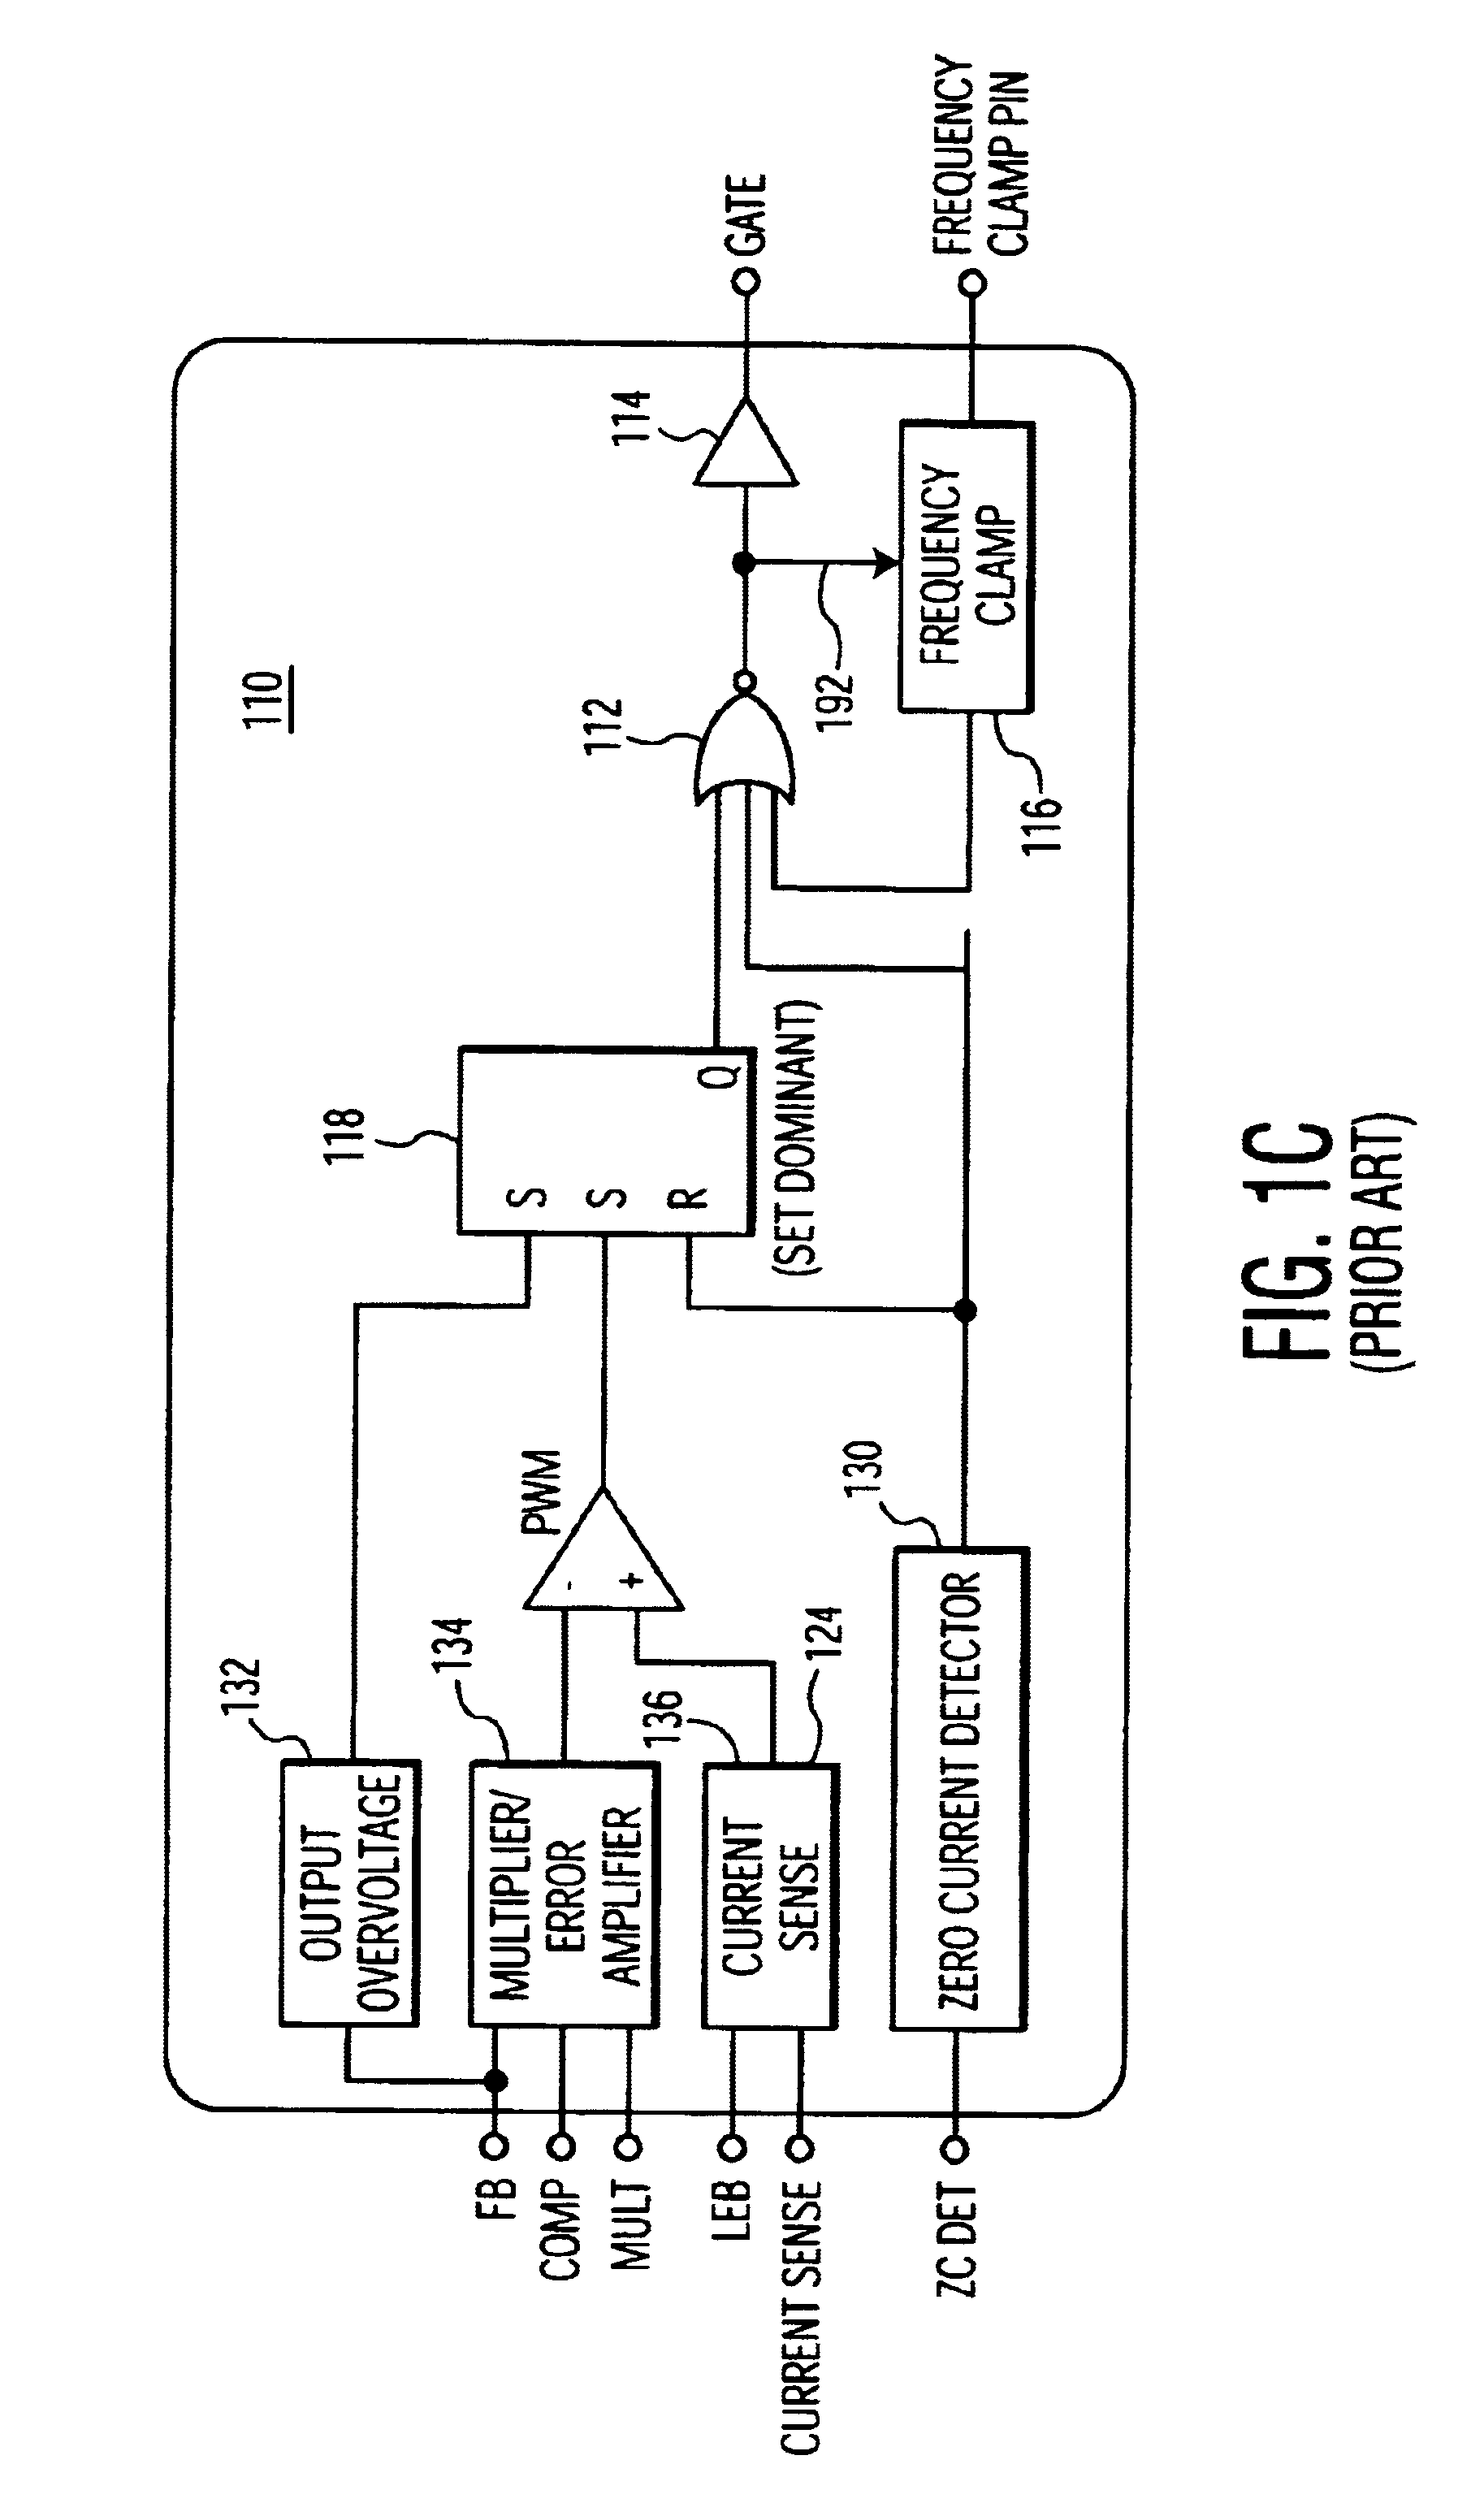 patent us6728117